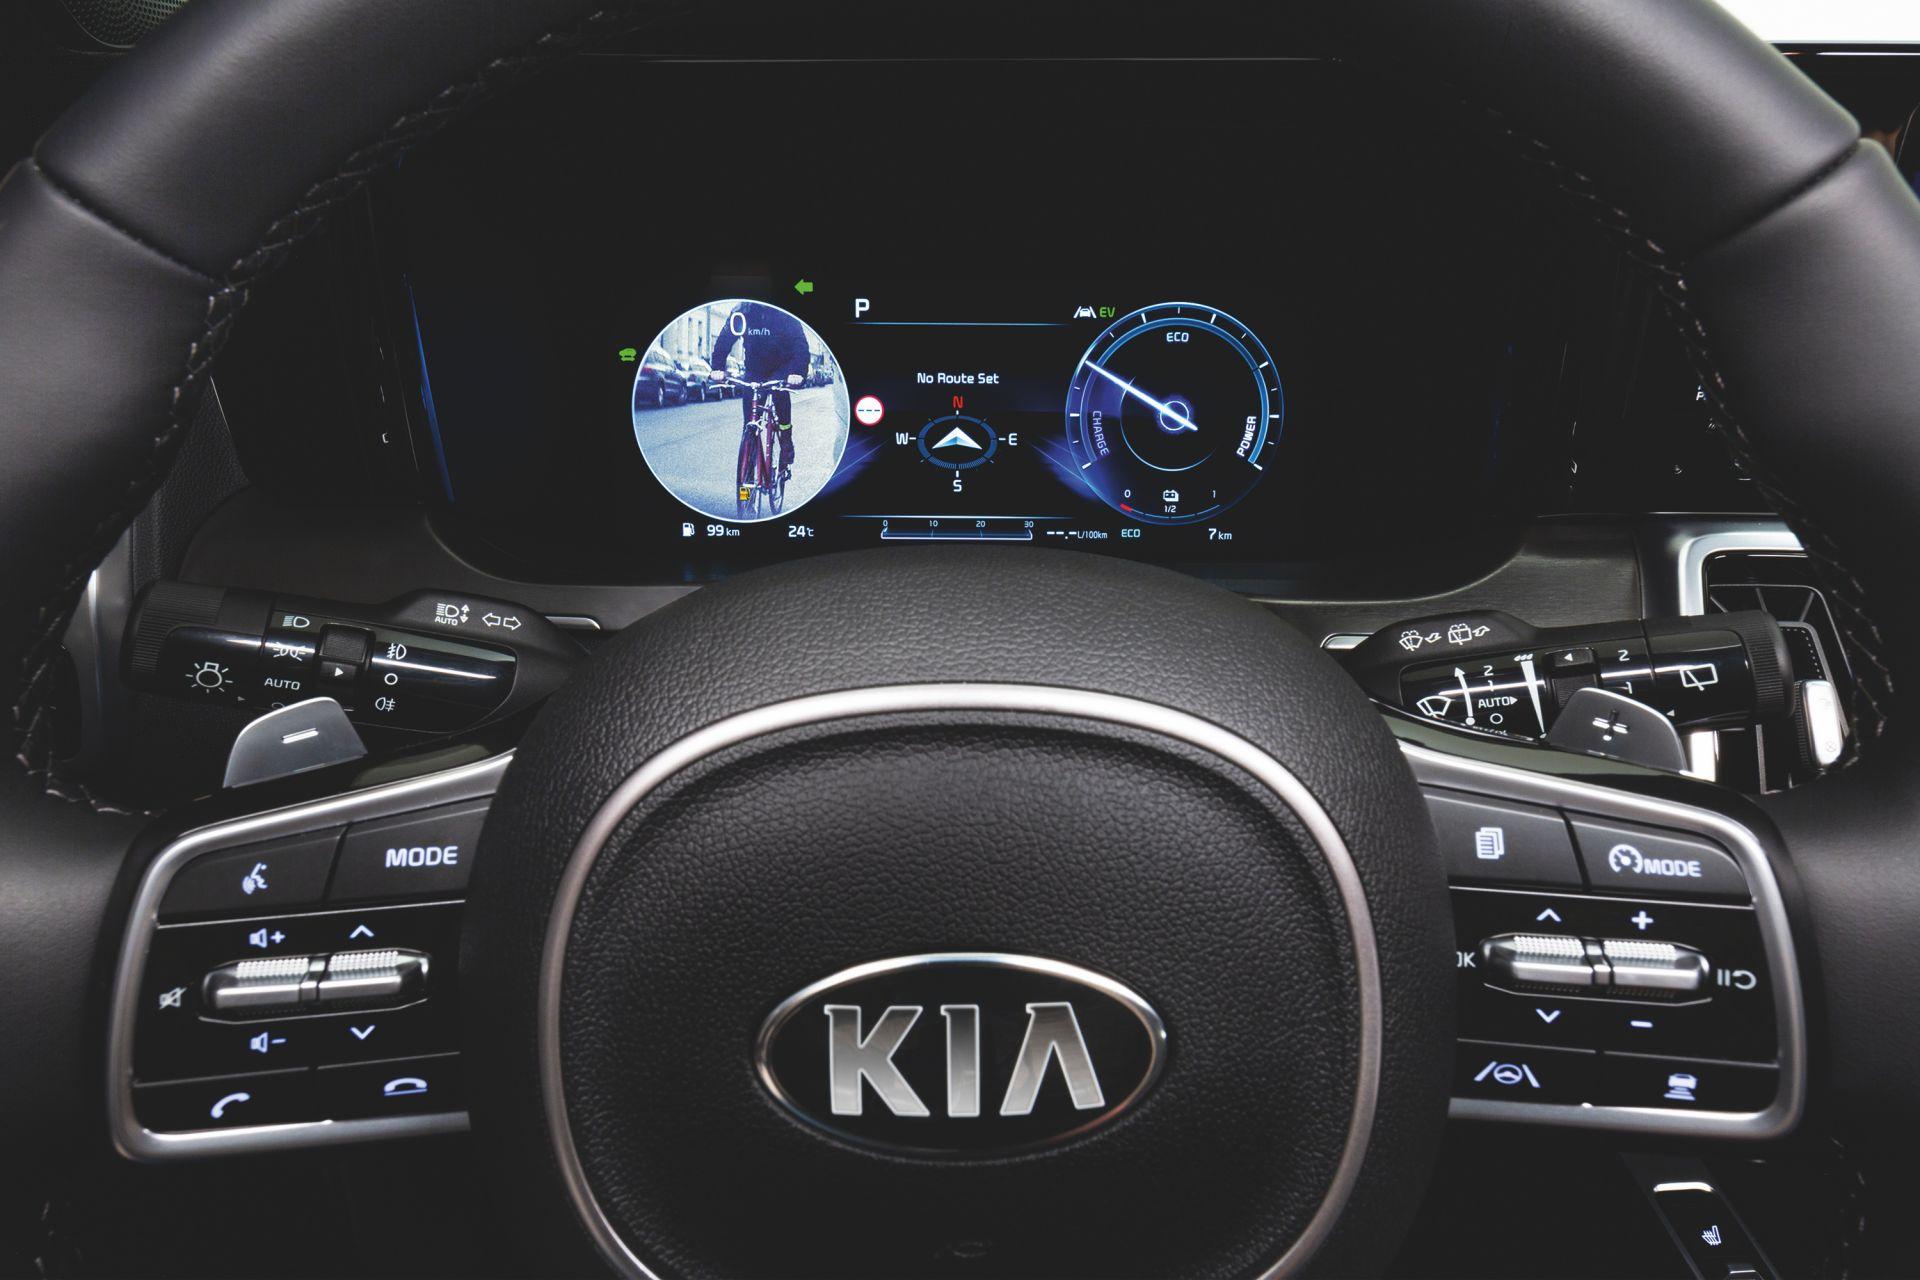 2021-Kia-Sorento-Blind-Spot-View-Monitor-1